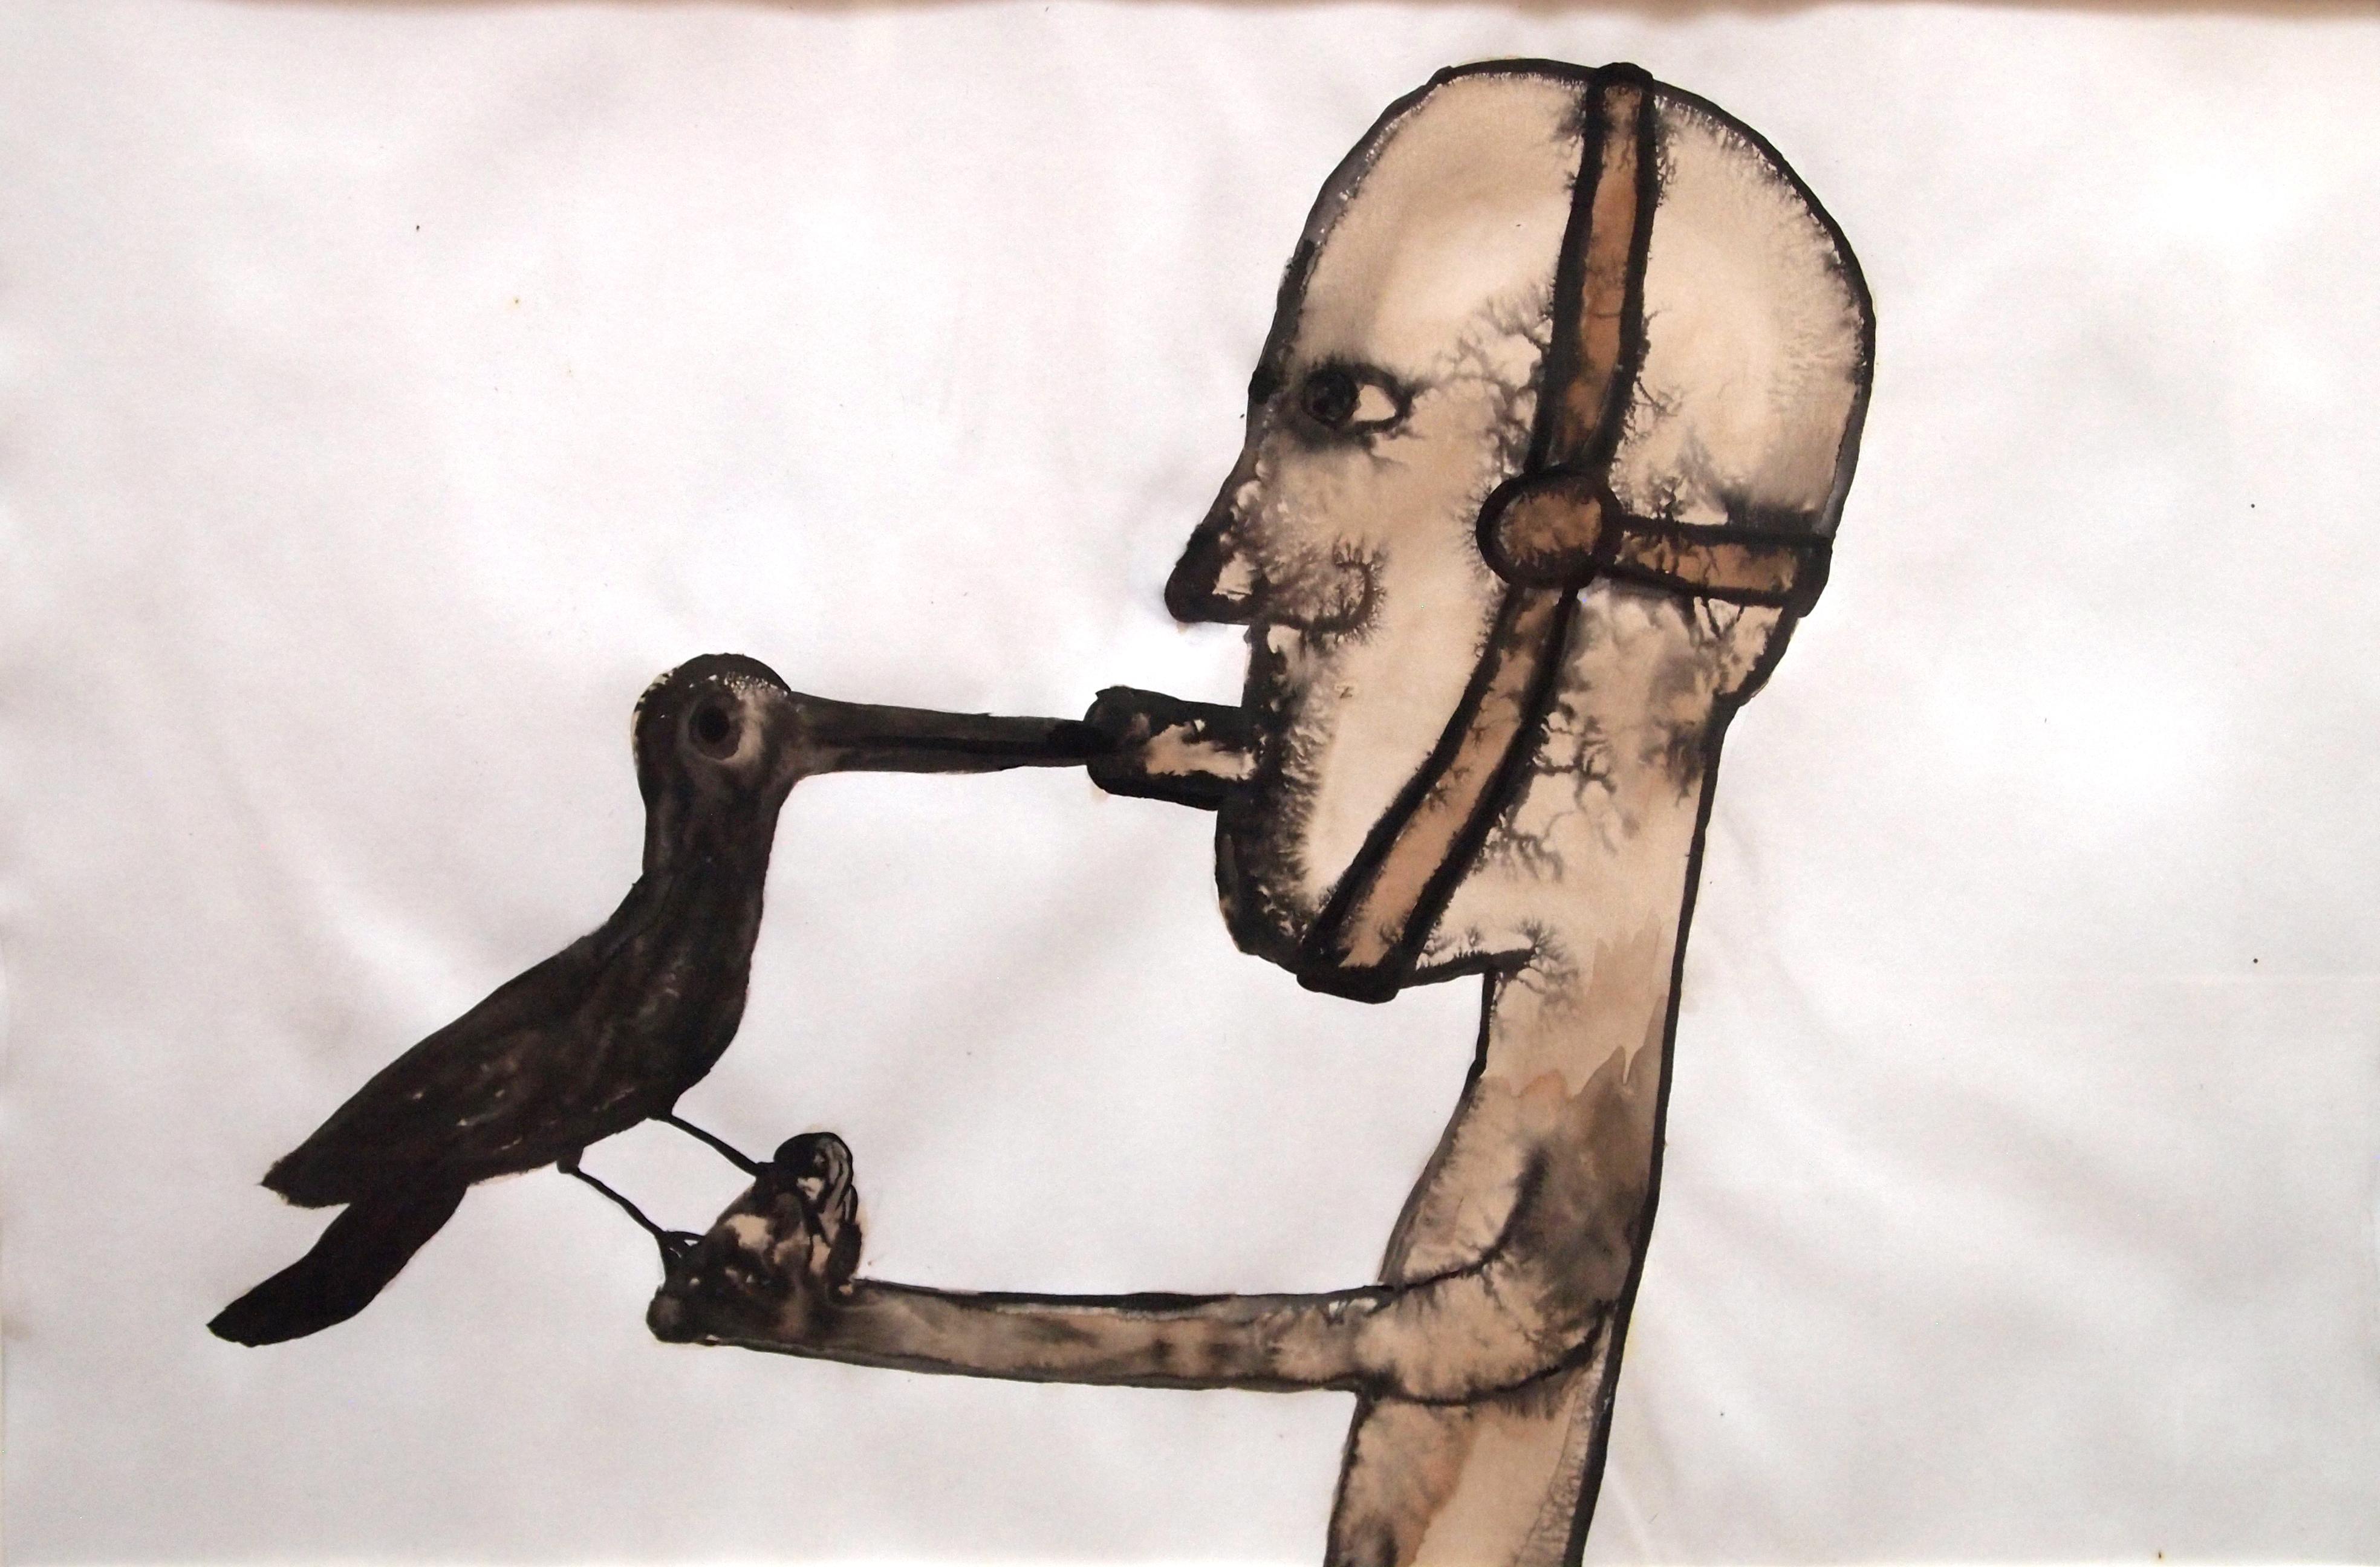 koko-rico-pone-la-nota-artistica-en-el-ii-anigersariogasteiz-obra